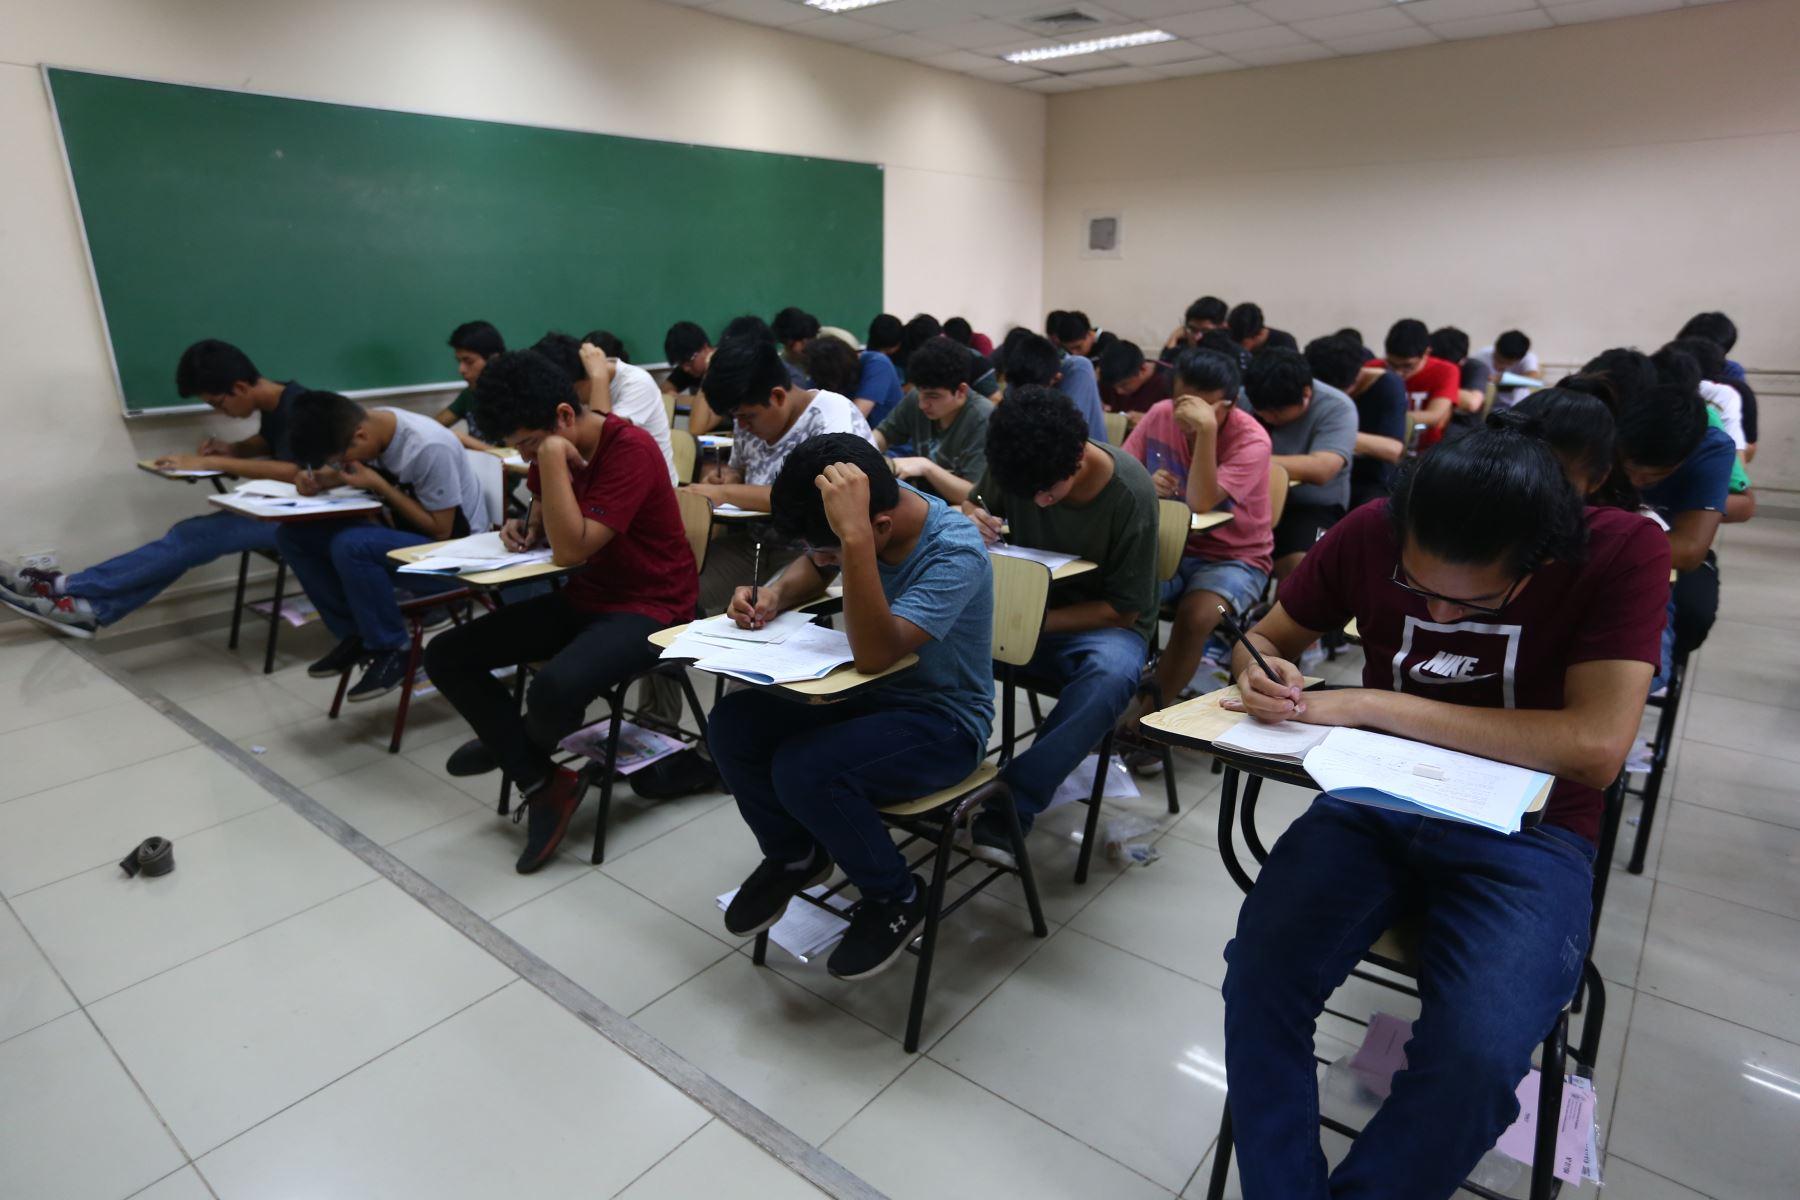 Examen de admisión a la Universidad Nacional de Ingeniería (UNI), en imagen previa al inicio de la emergencia por covid-19. ANDINA